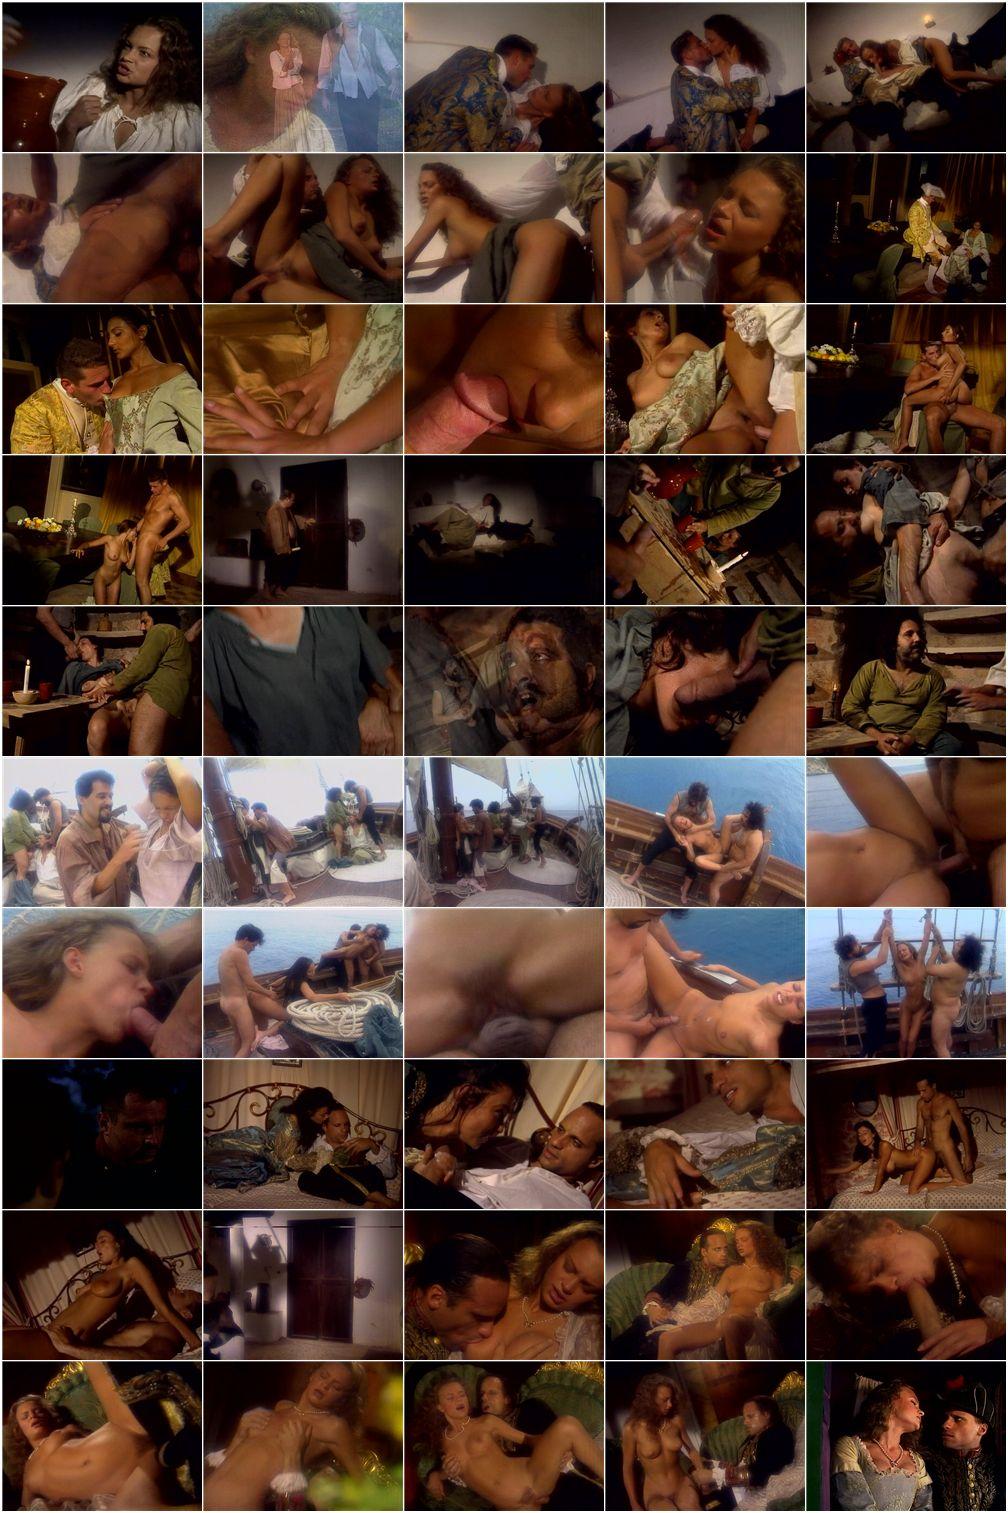 Смотреть бесплатно порно фильмы 90 годов